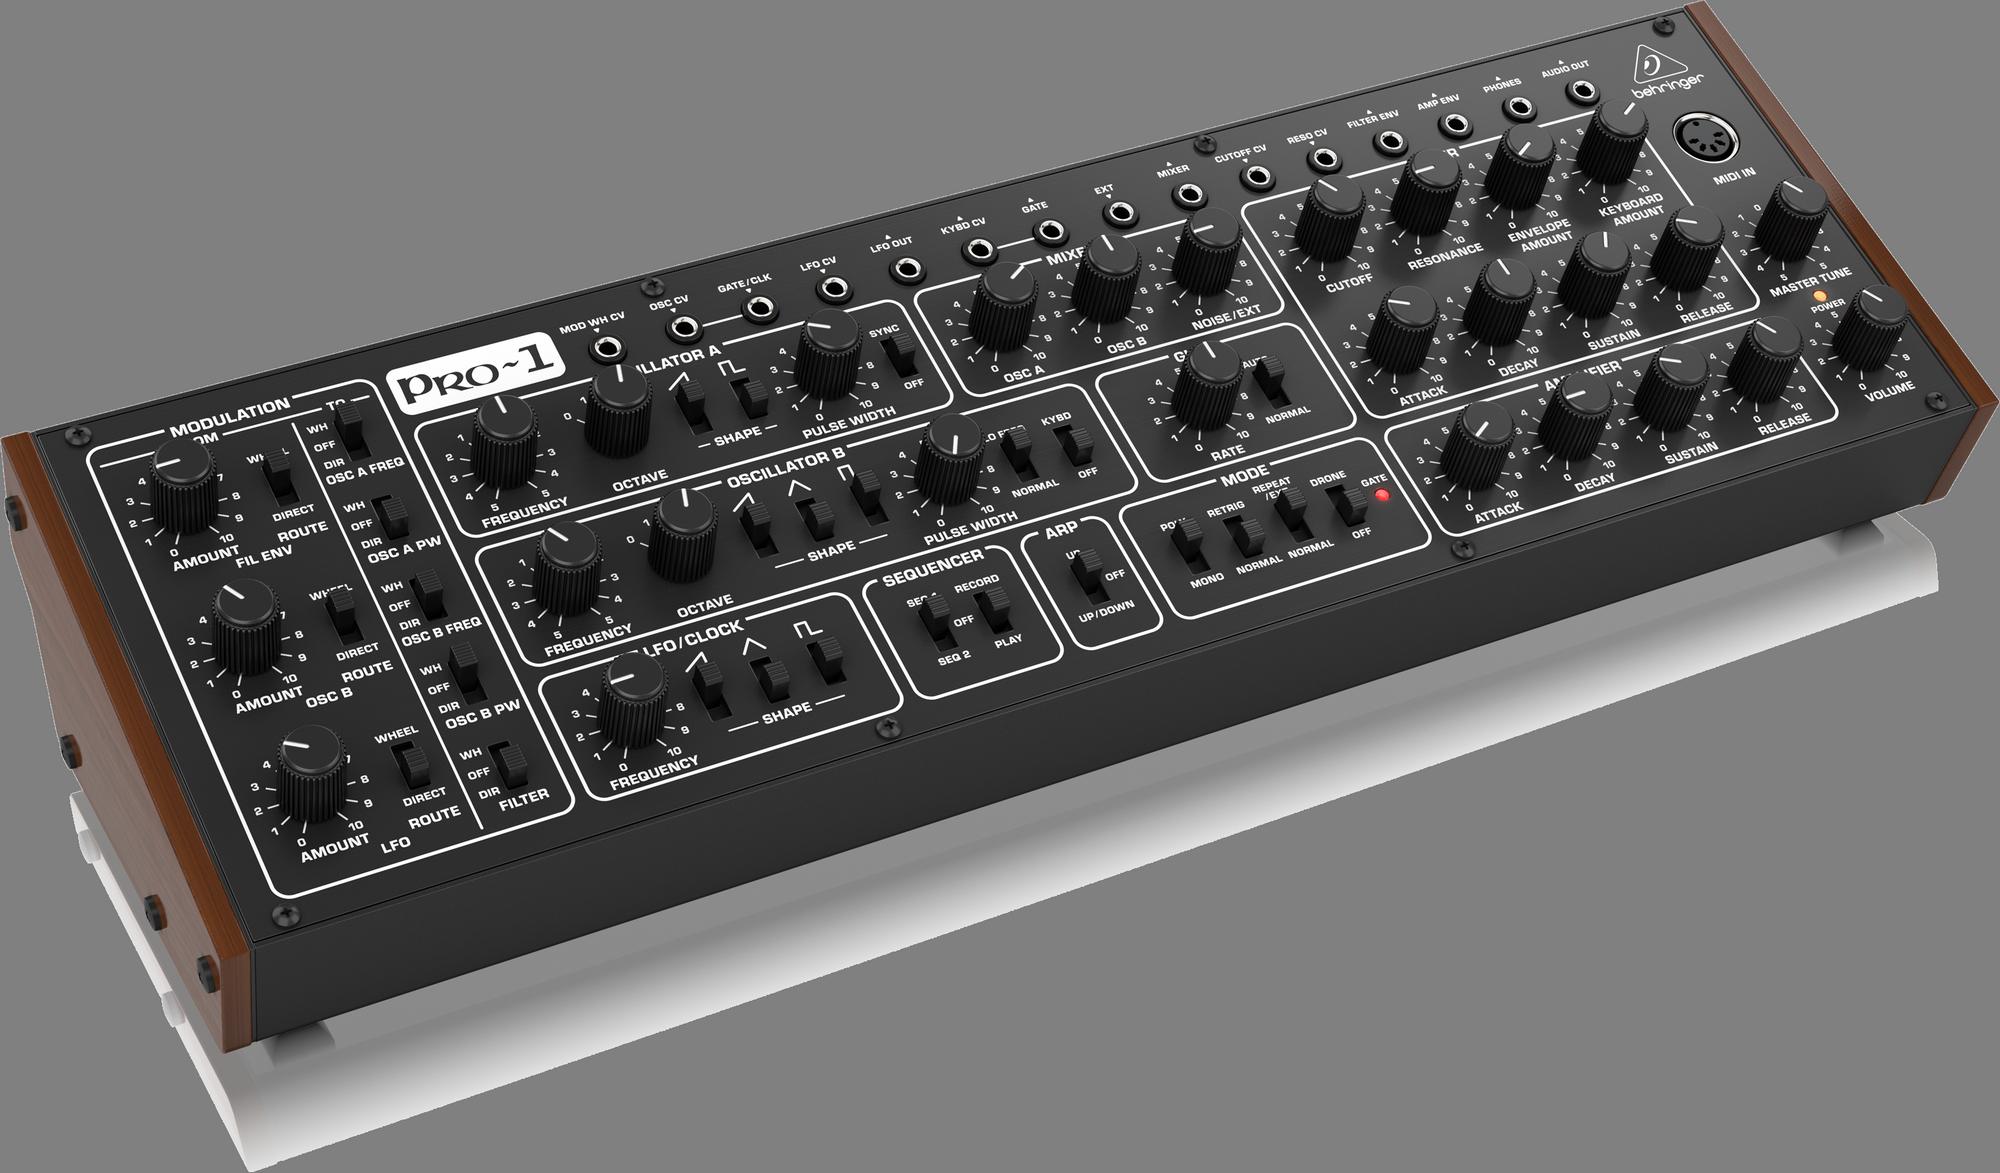 Behringer PRO-1 - Analog Synthesizer